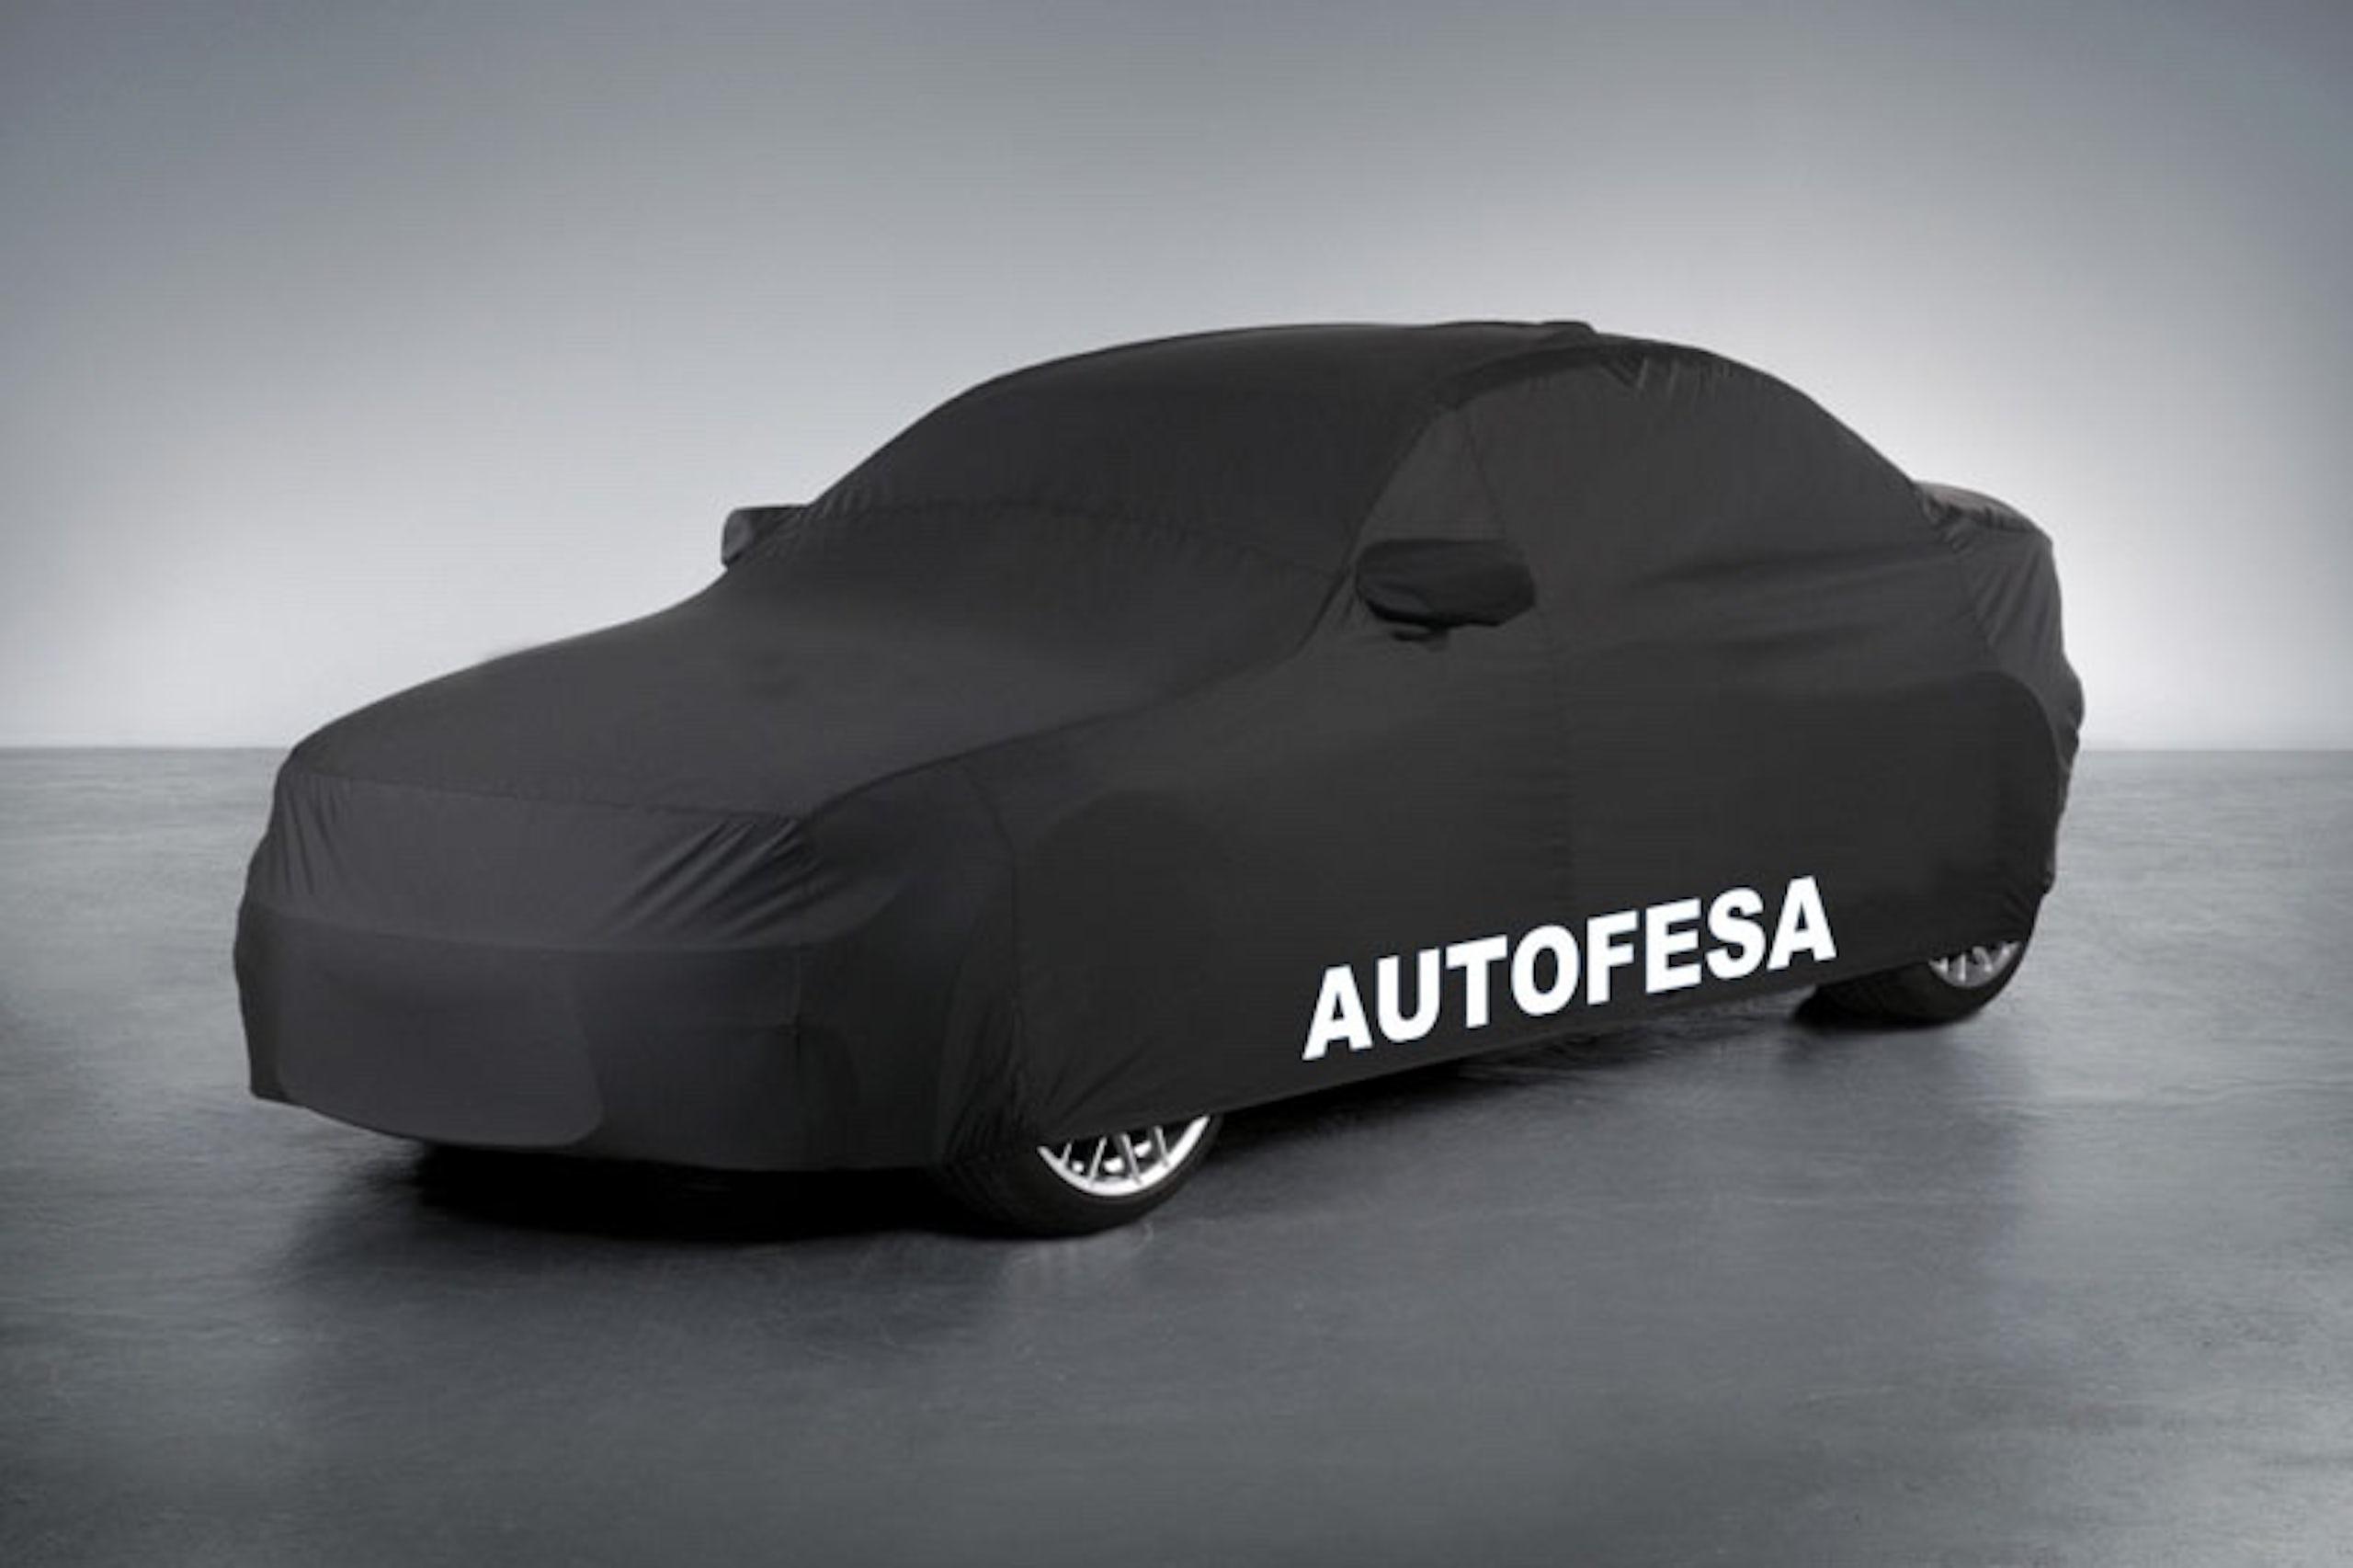 Fotos del Audi A4 Avant 2.0 TDI 190cv quattro 5p Auto Exterior 1